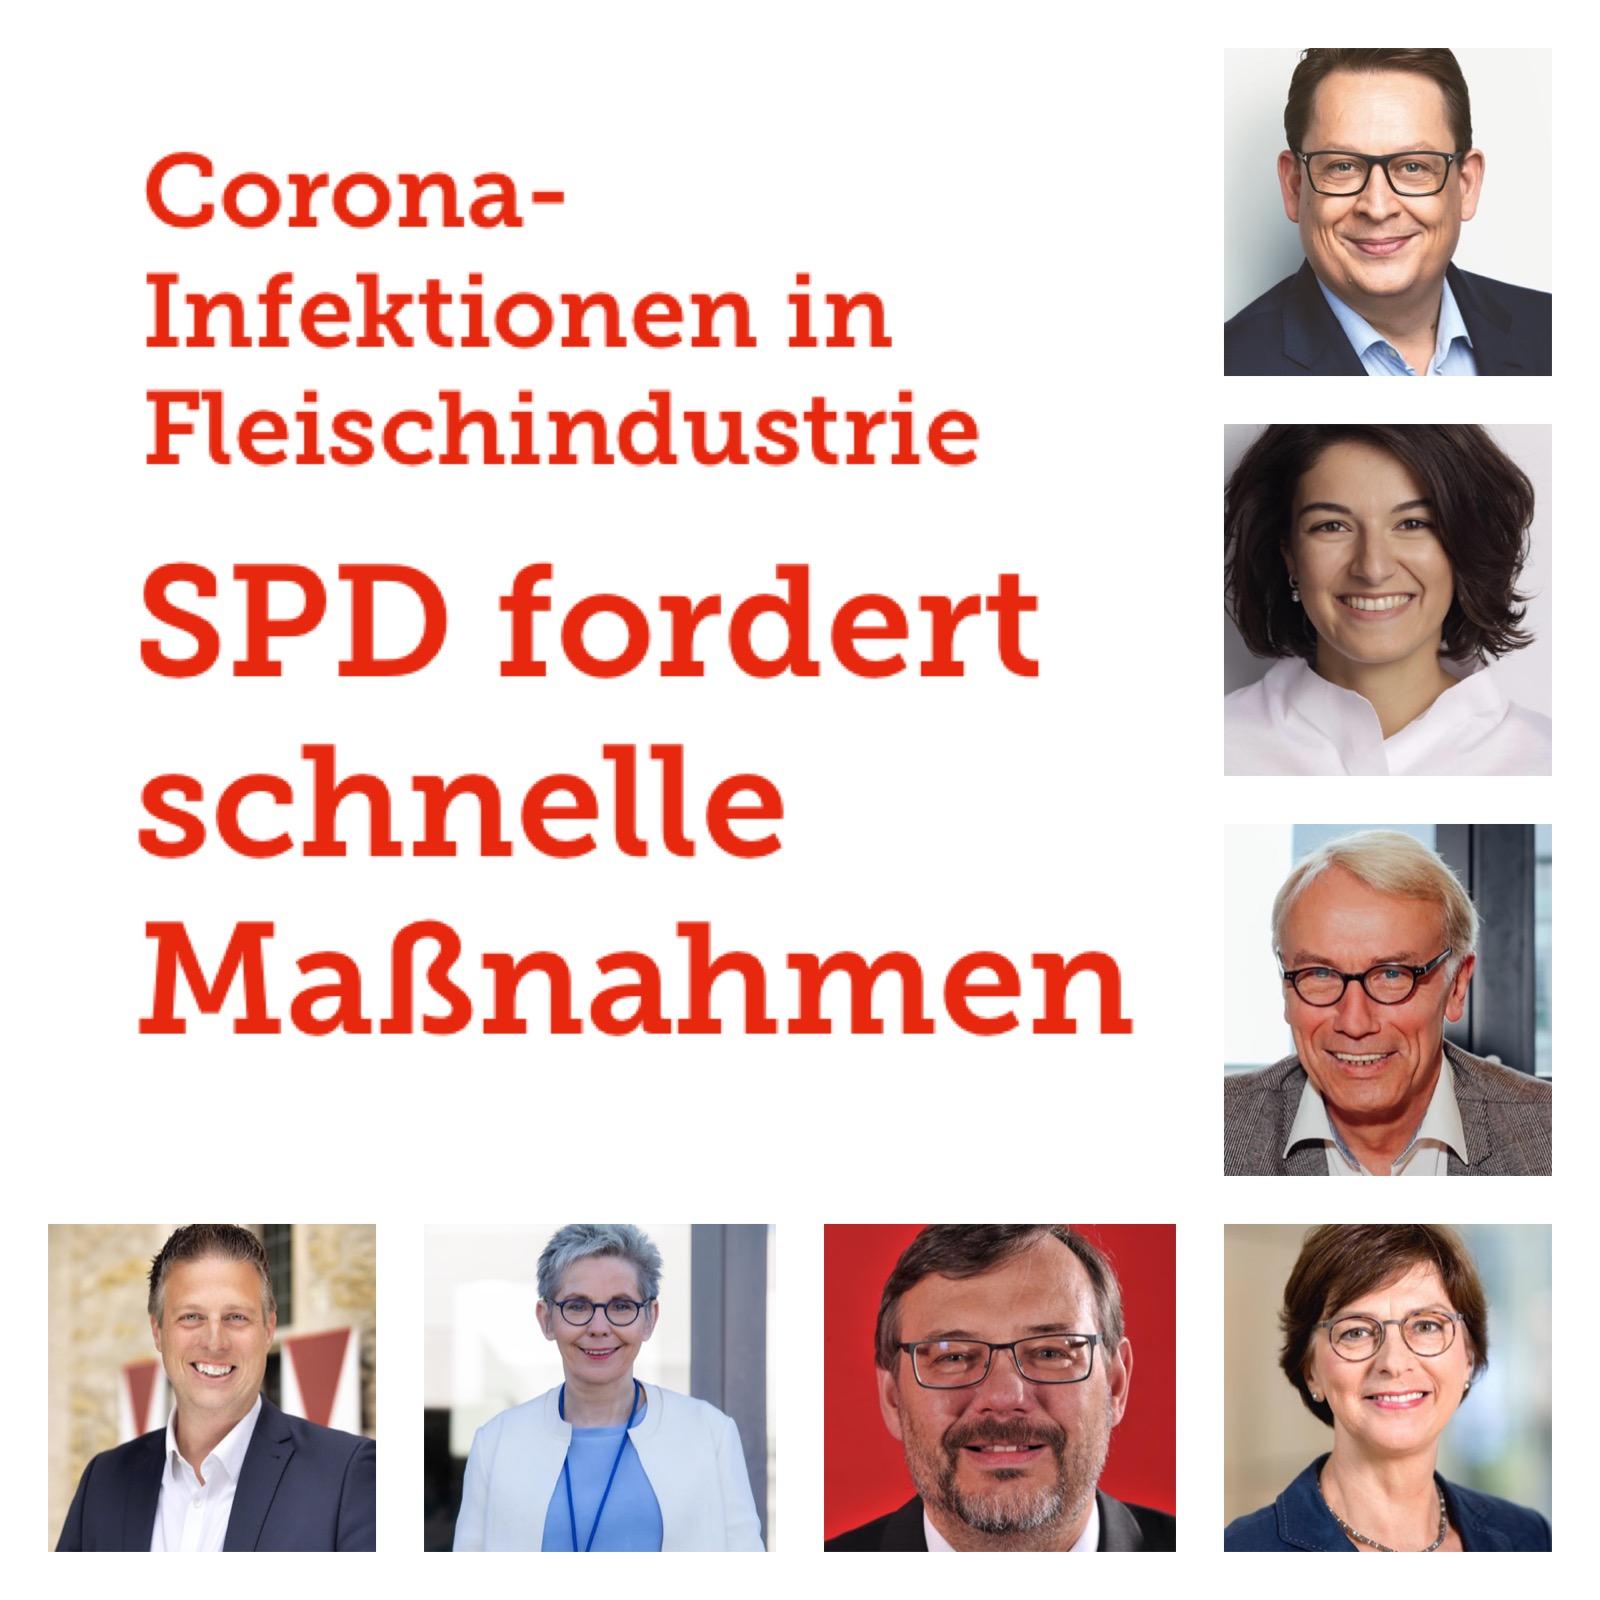 Corona-Infektionen und Fleischindustrie:  SPD fordert schnelles Handeln auf allen Ebenen